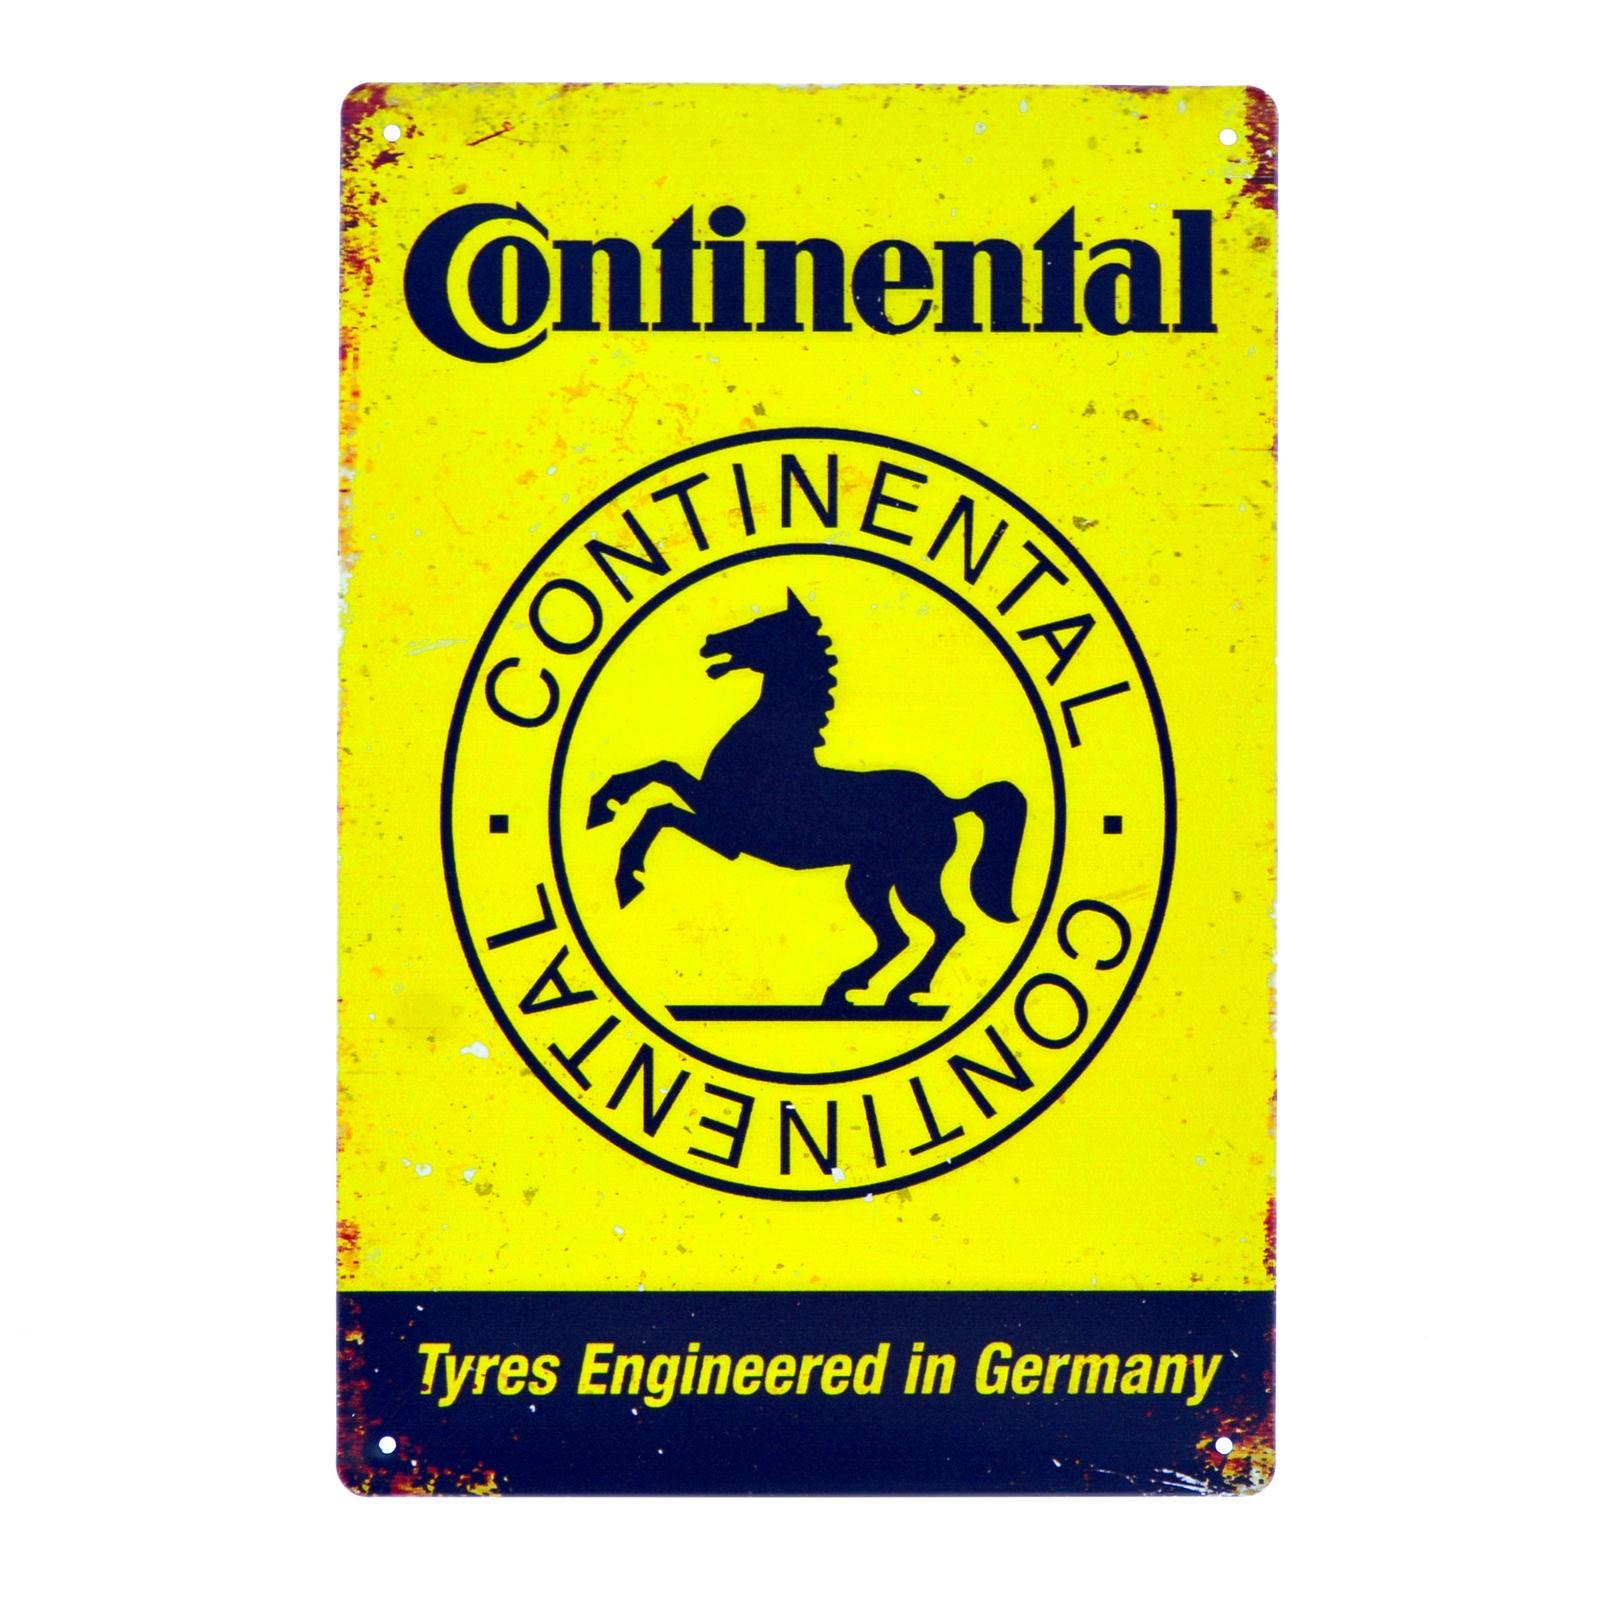 Cartel Metálico de Continental